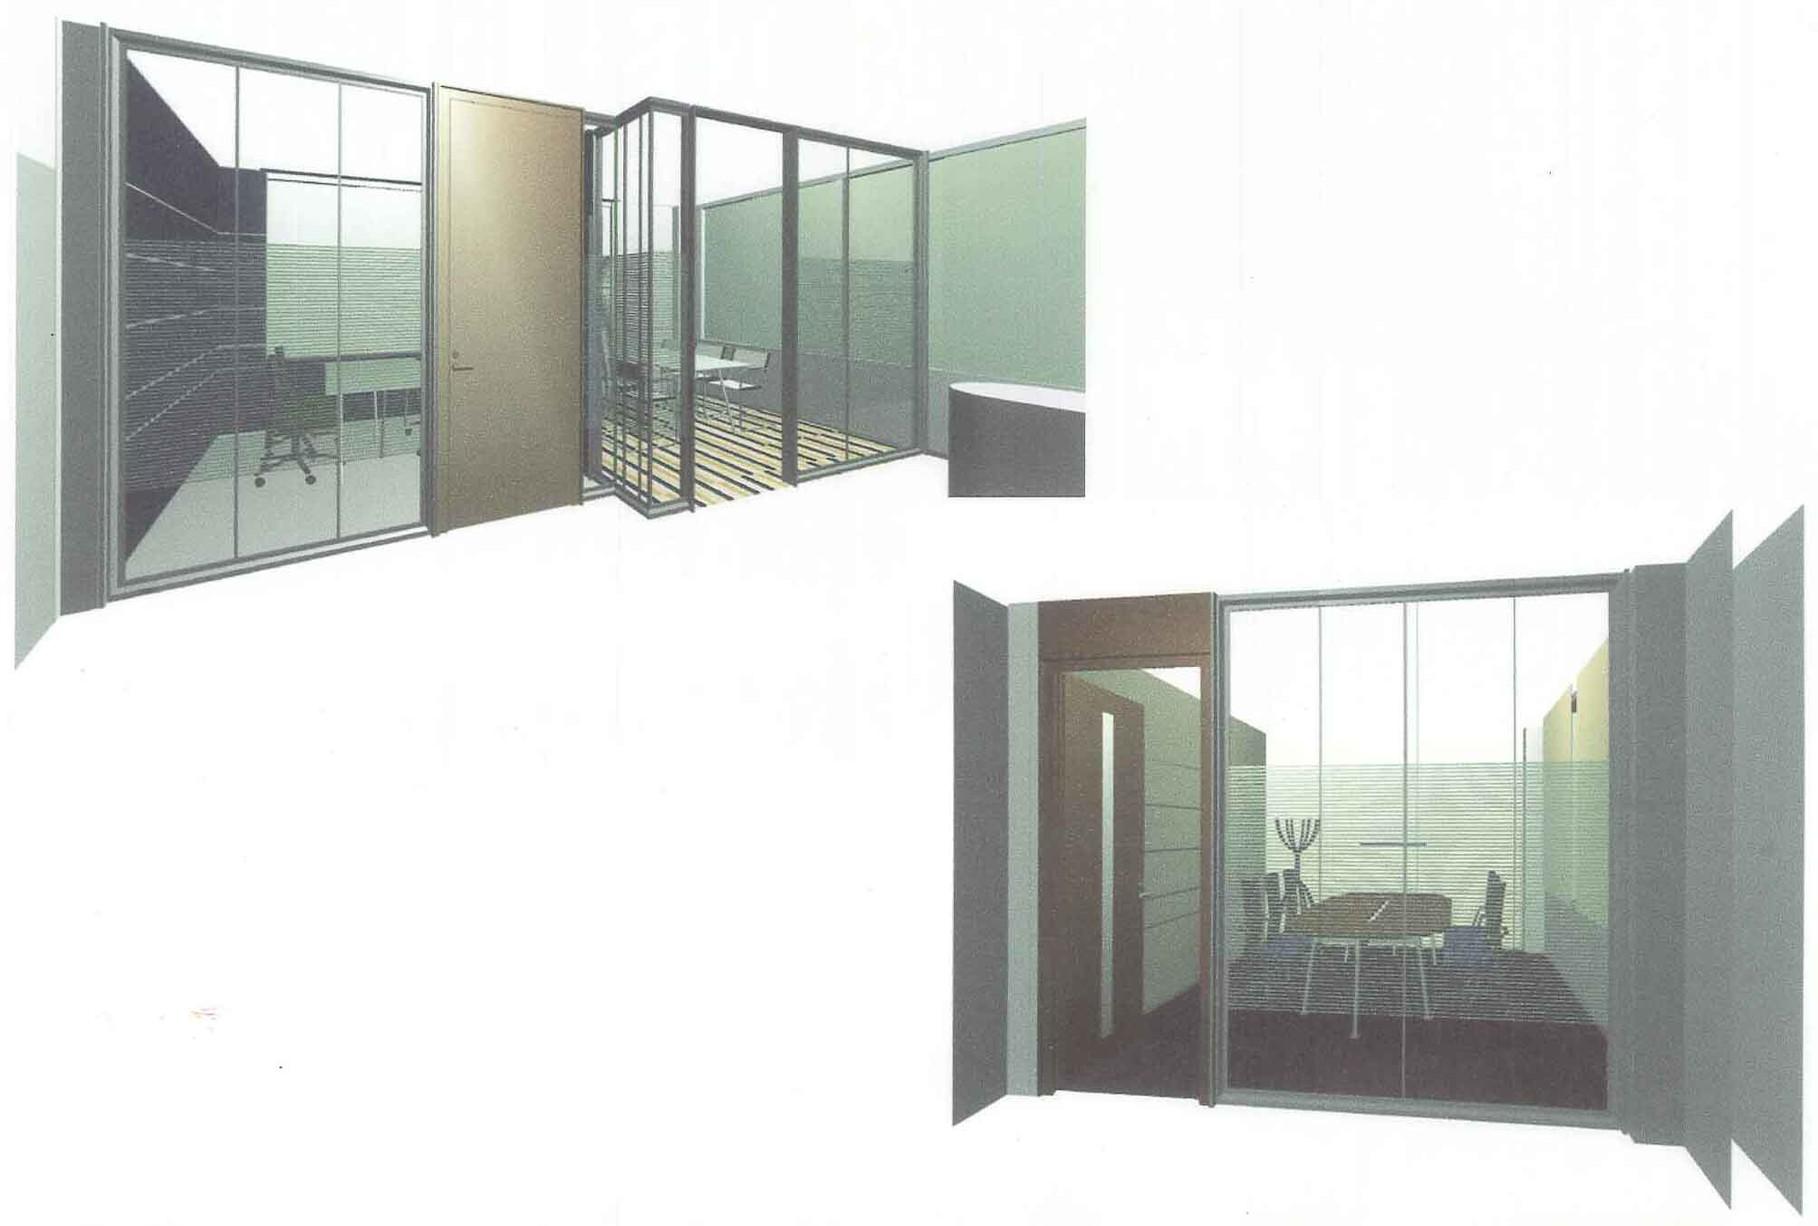 2005.7 Low office 自社製品間仕切り壁を使ったオフィス。 エントランスに光る壁を設置した。